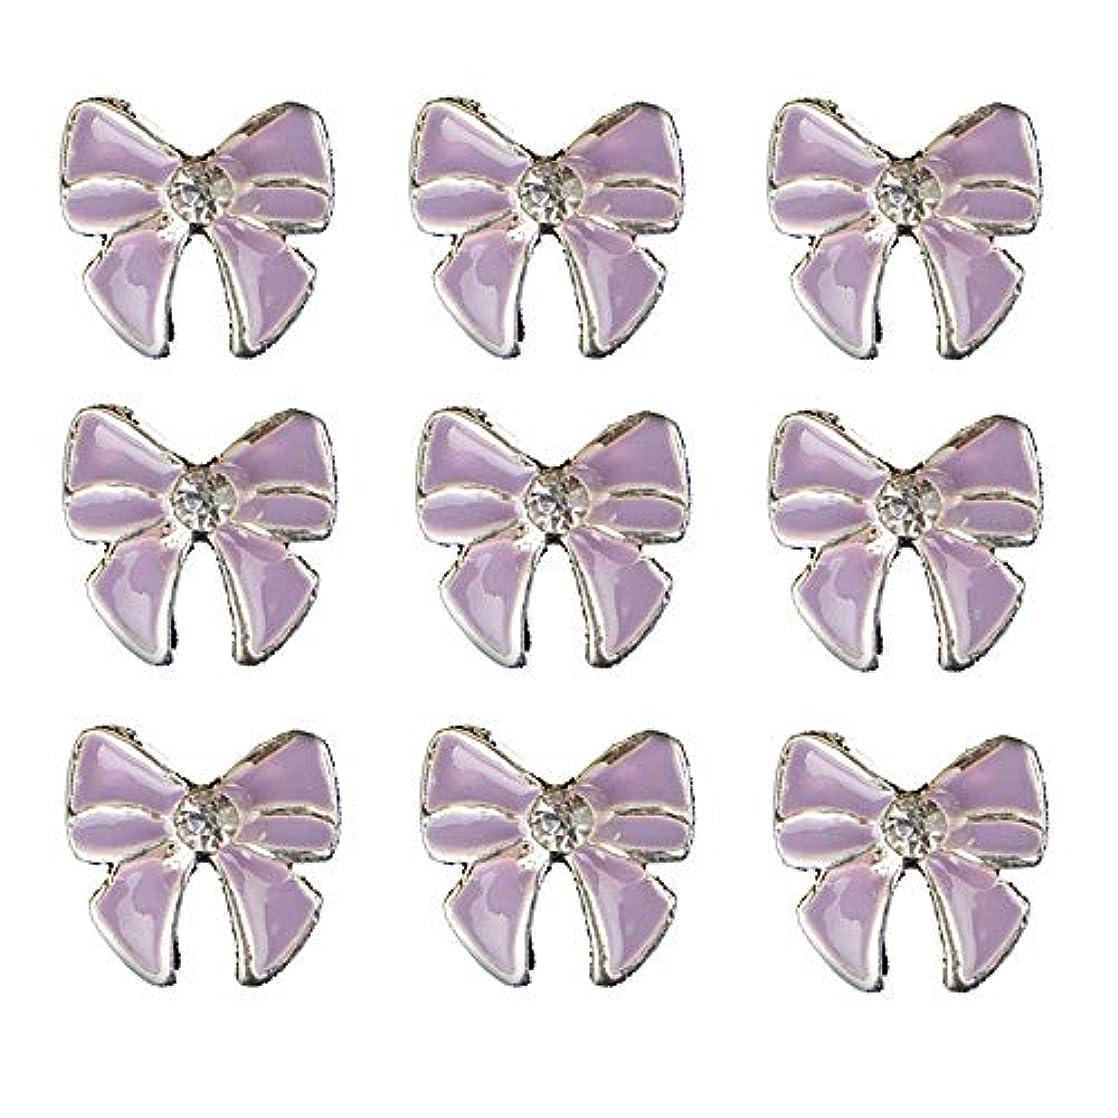 色合いモック出発する10個入りの3Dネイル合金デコレーション紫蝶ネクタイのデザイングリッターラインストーンネイルのヒントステッカーネイルツール